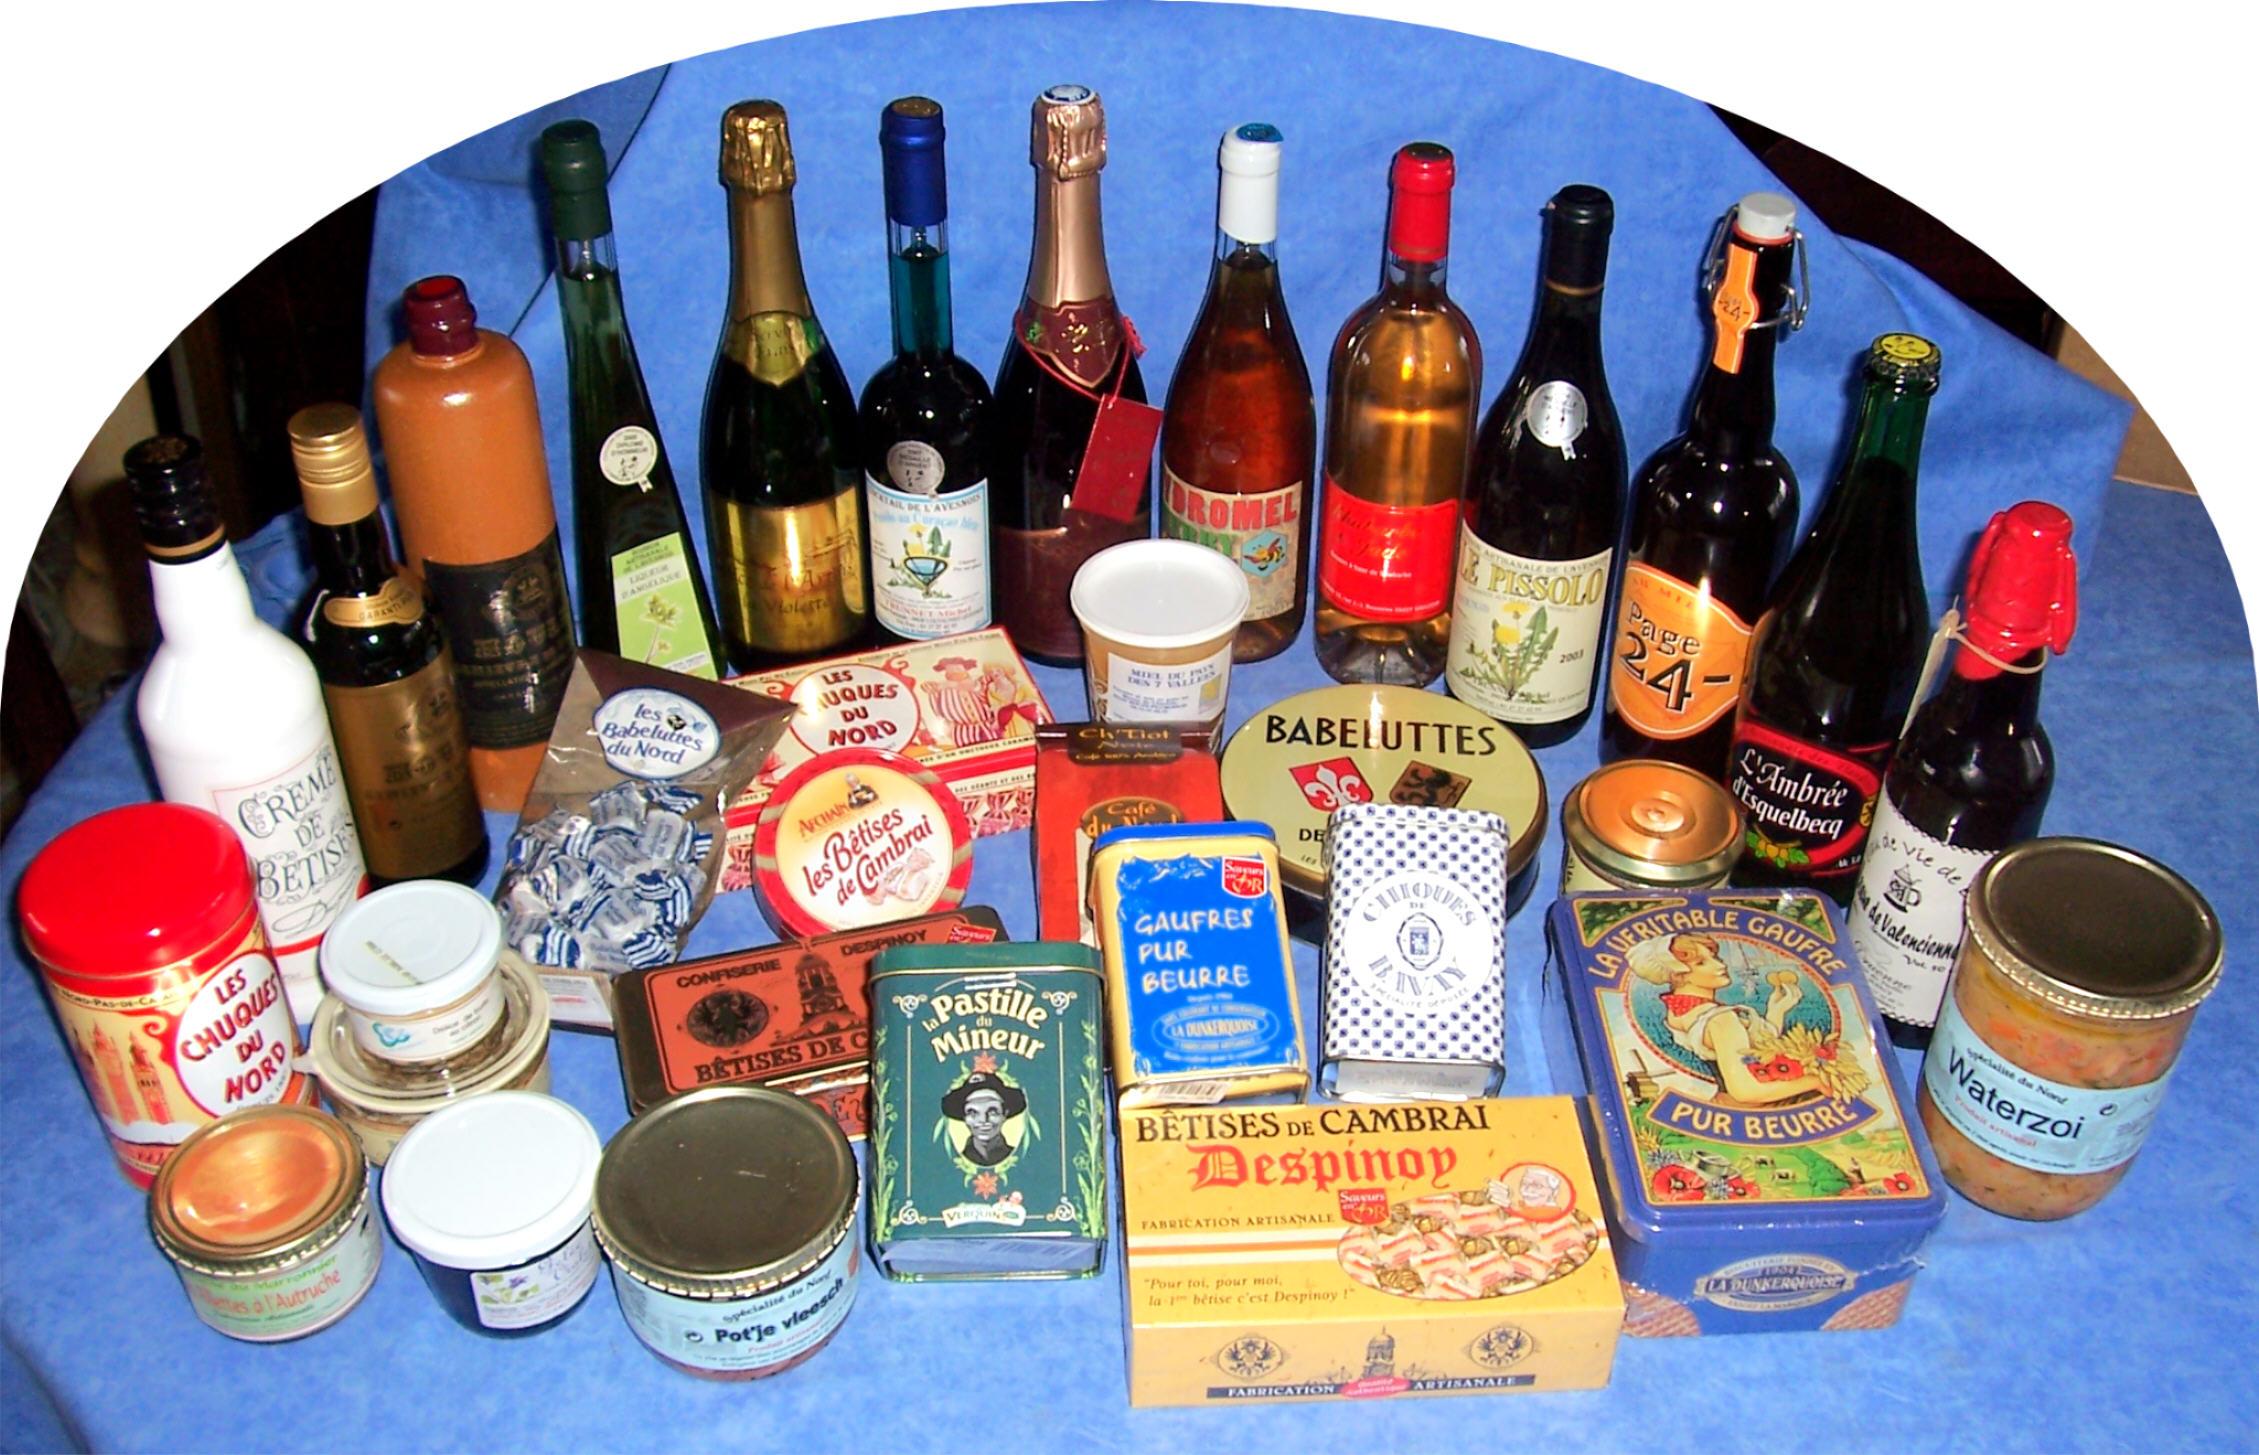 Nord saveurs boutique nord - Meubles nord pas de calais ...